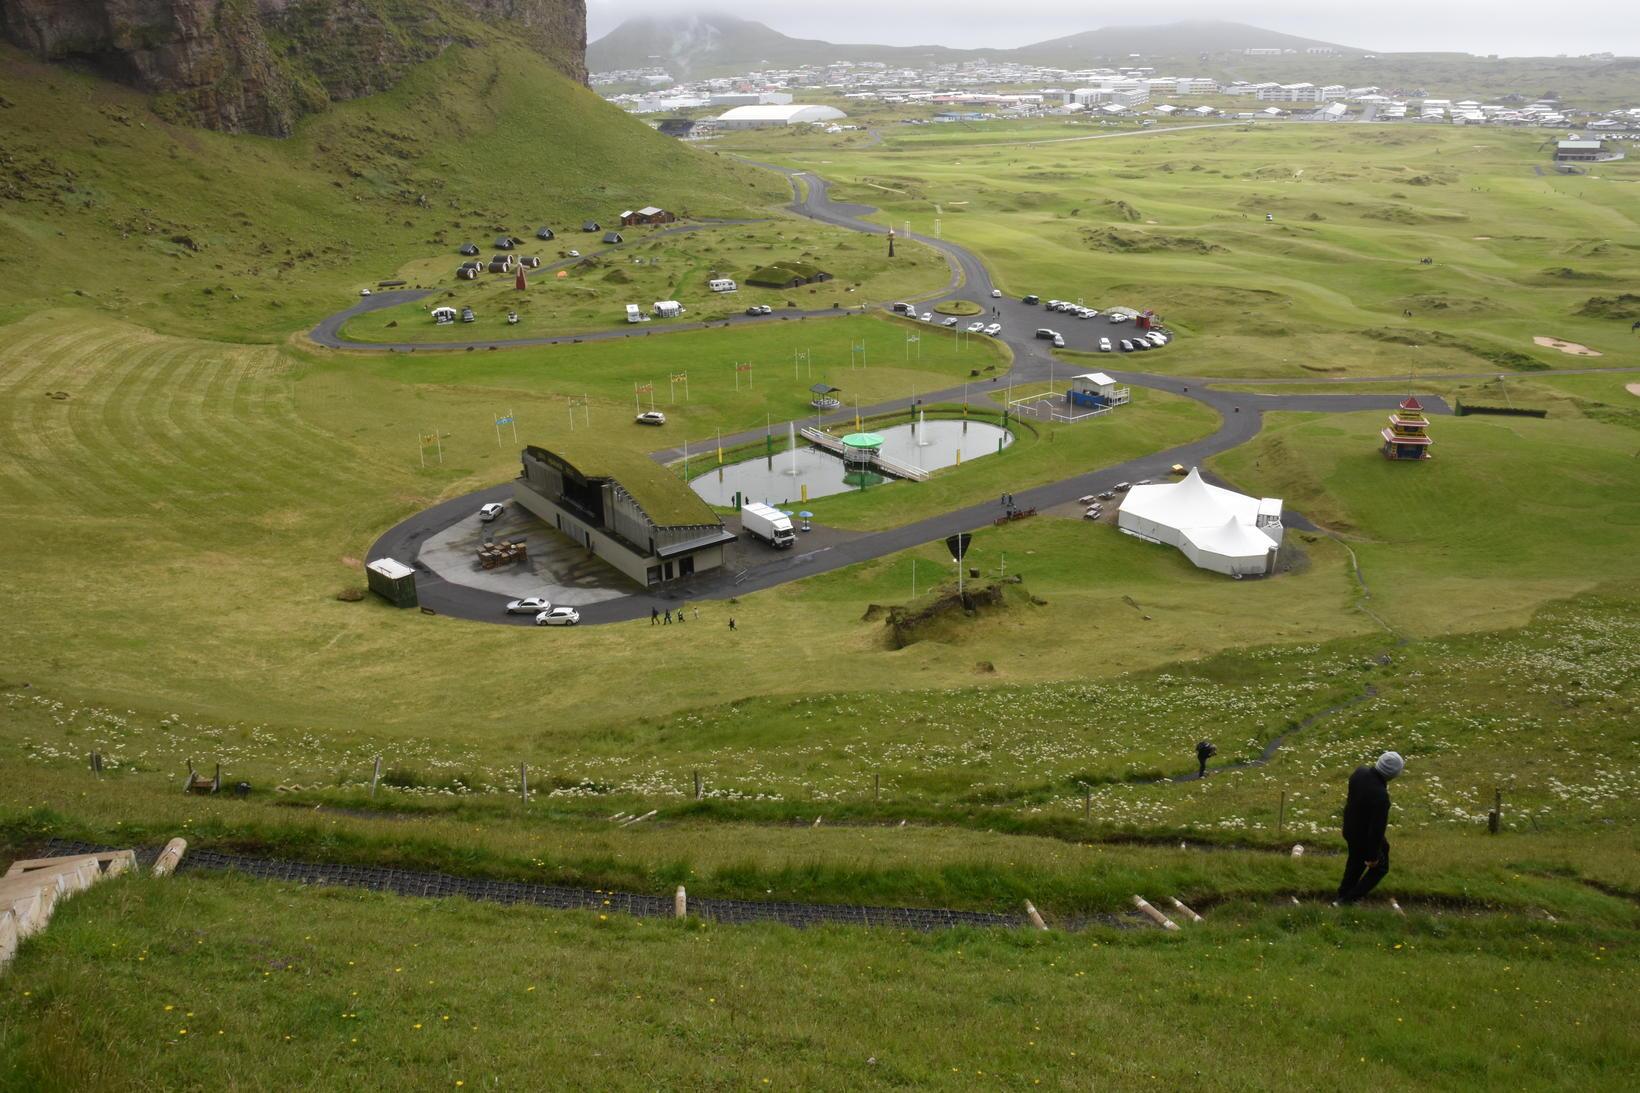 Herjólfsdalur, heimavöllur Þjóðhátíðar, í allri sinni dýrð.